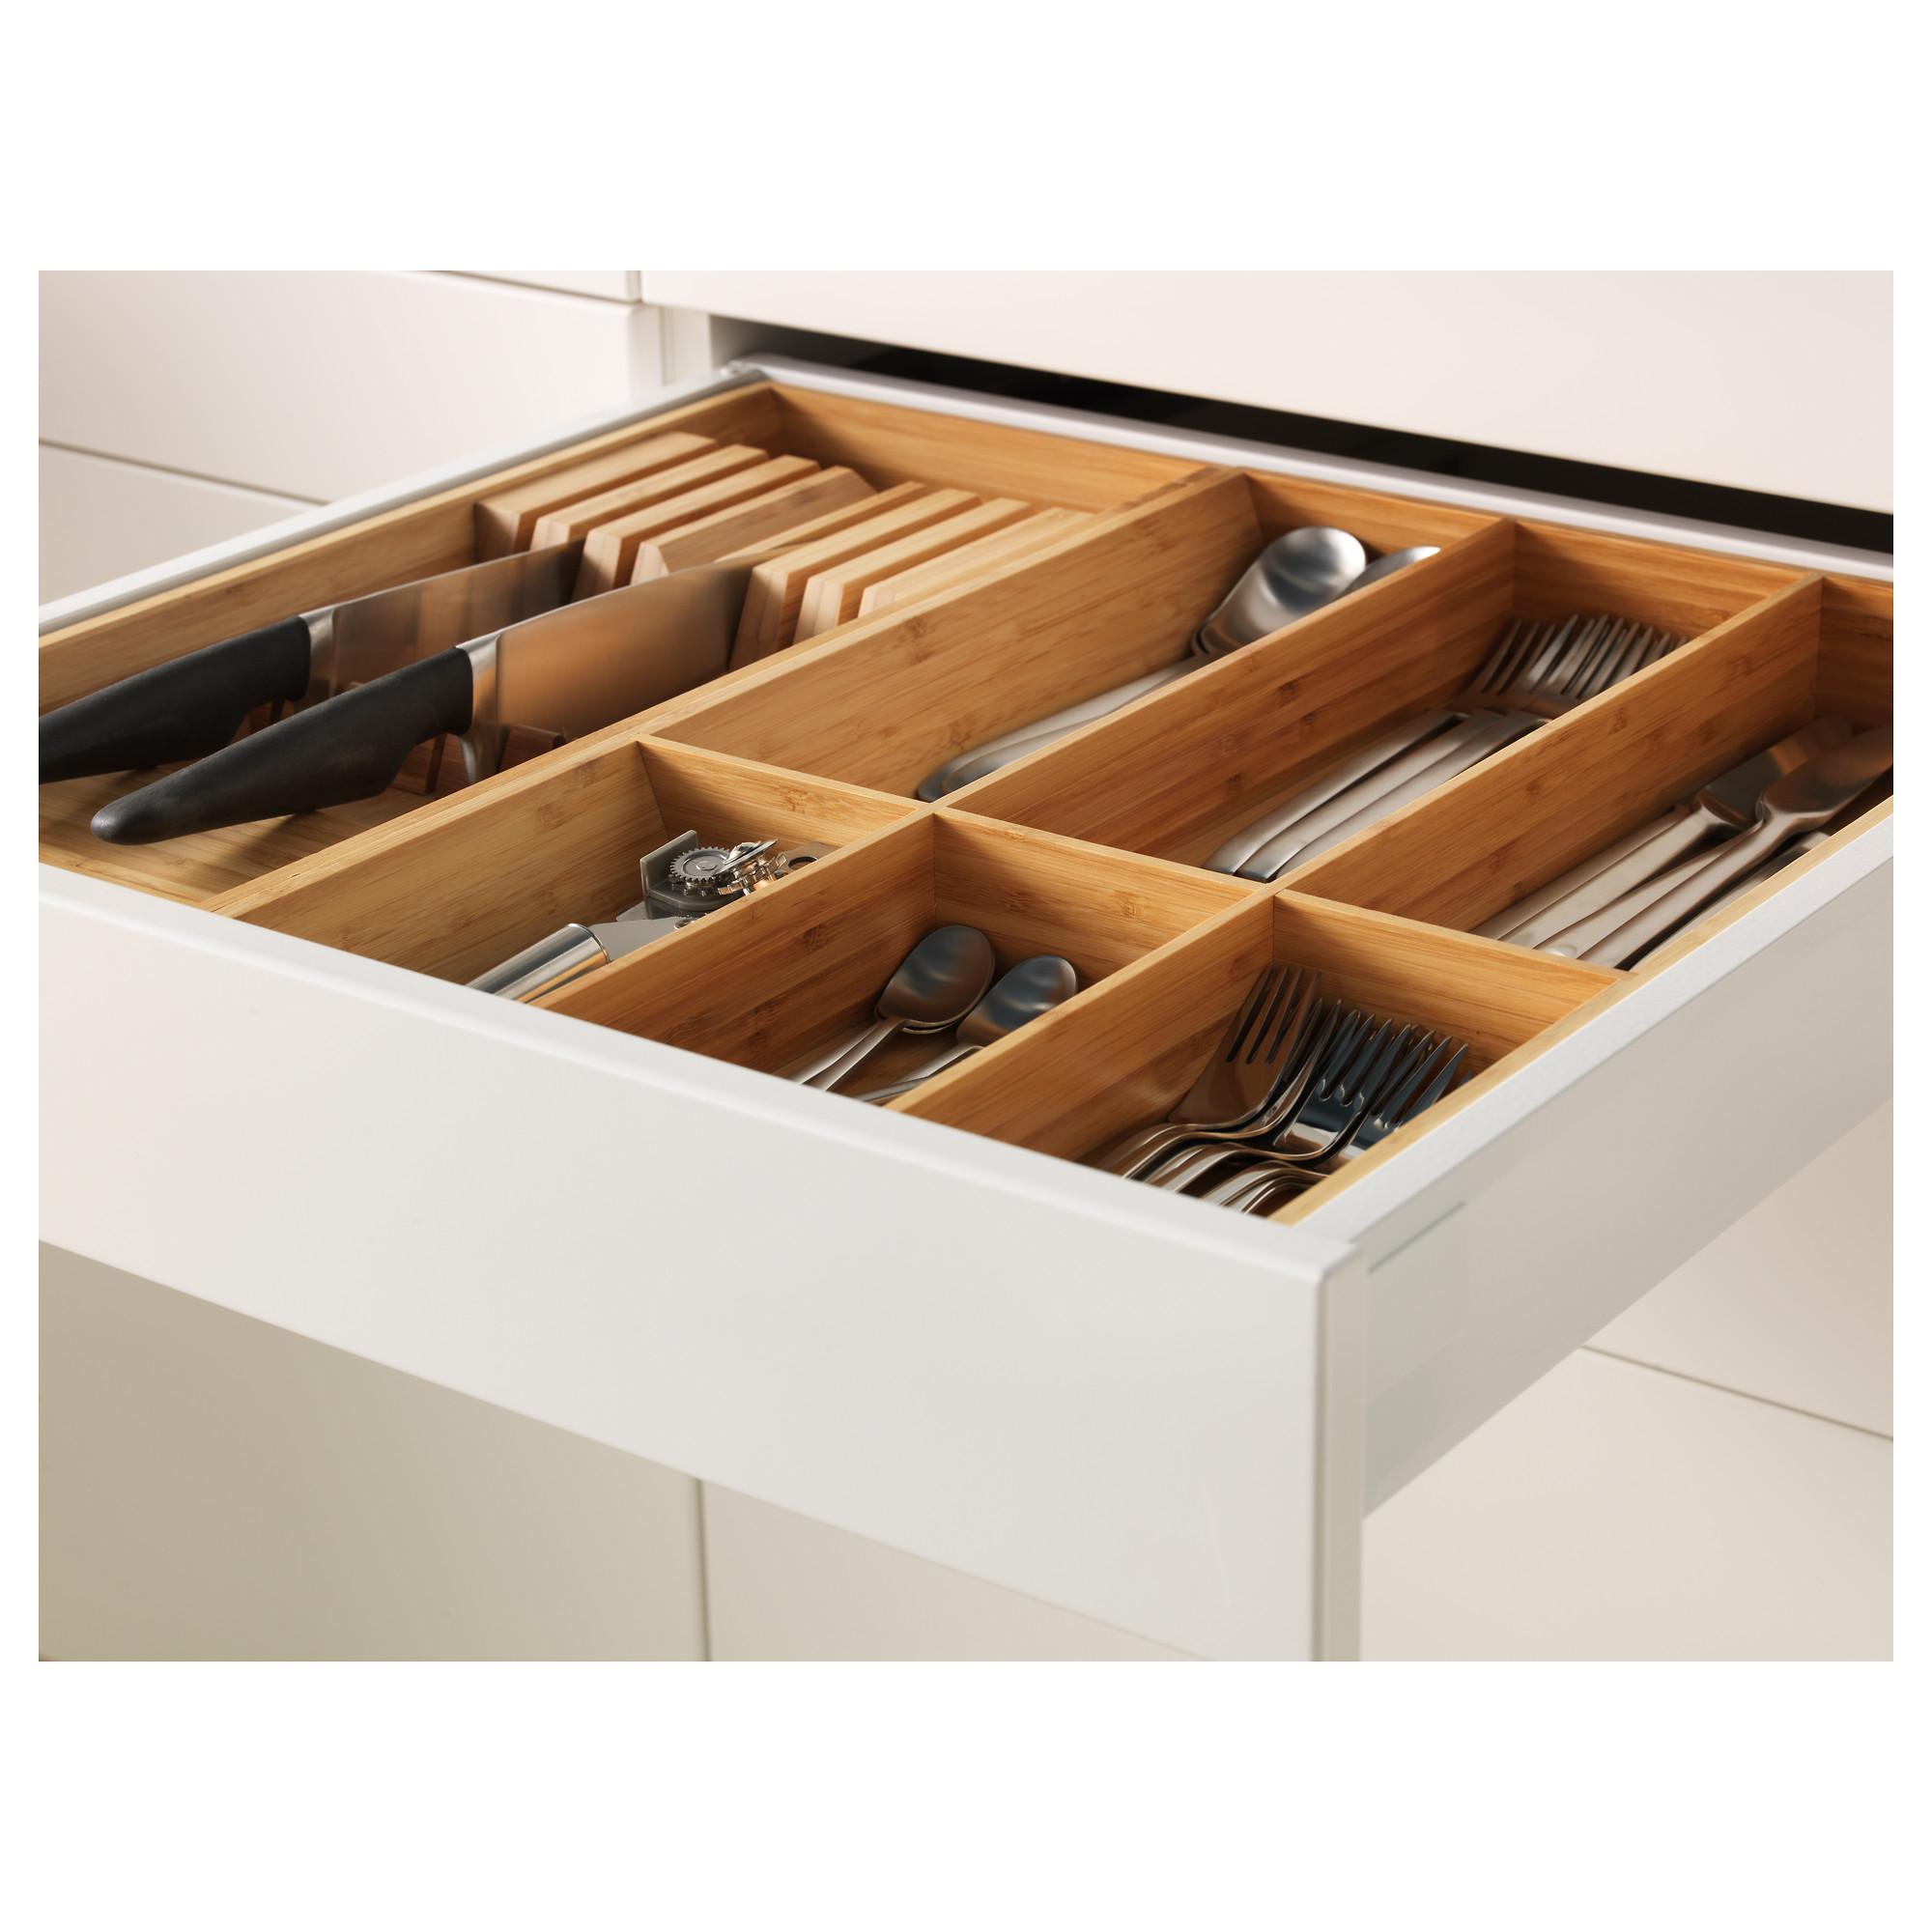 Высокий шкаф + полки, 5 ящиков, 2 дверцы, 2 фронтальных МЕТОД / МАКСИМЕРА черный артикуль № 092.369.18 в наличии. Онлайн сайт IKEA Минск. Быстрая доставка и соборка.